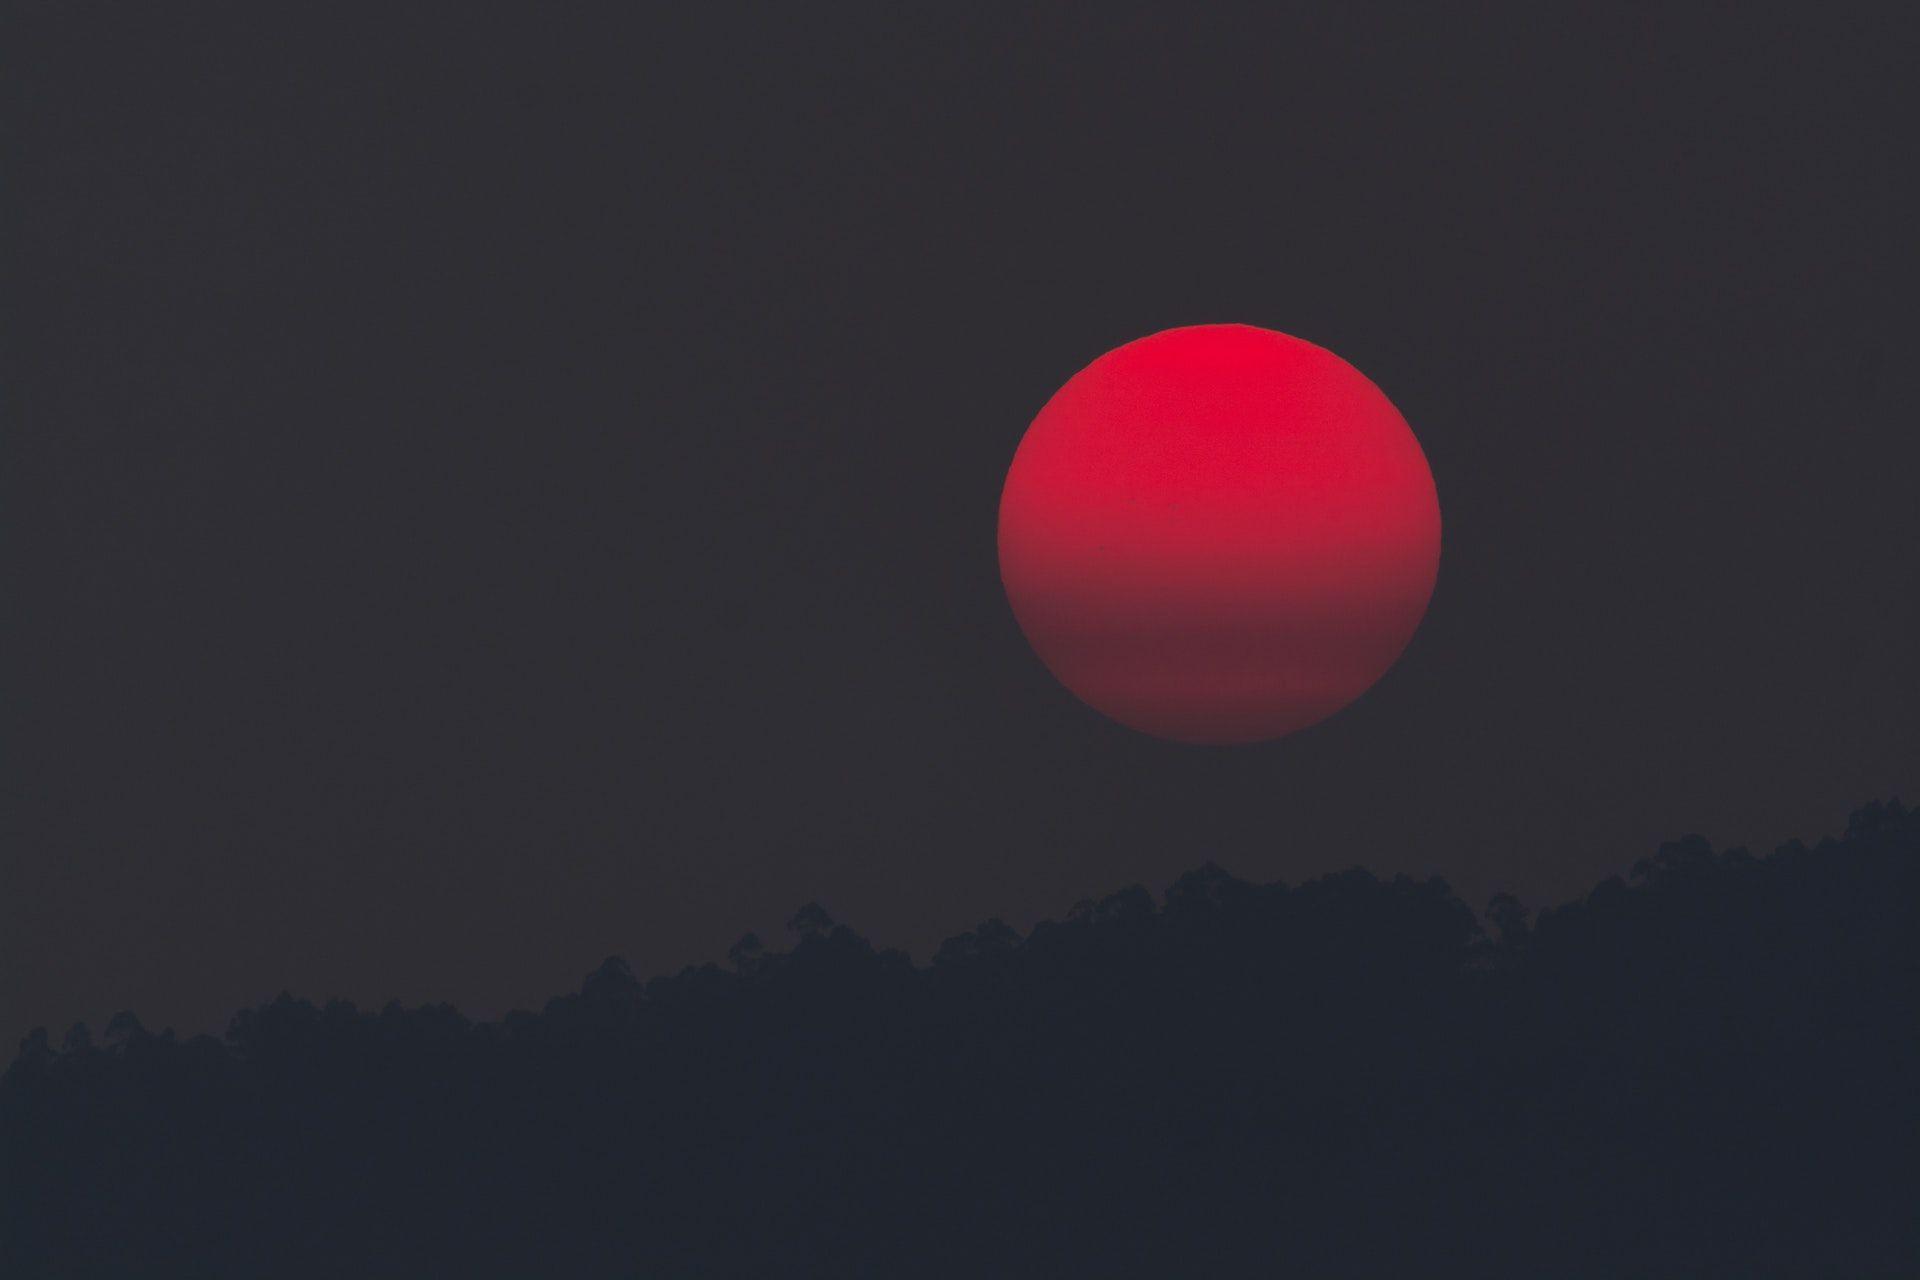 عکس زمینه ماه قرمز در طول شب پس زمینه